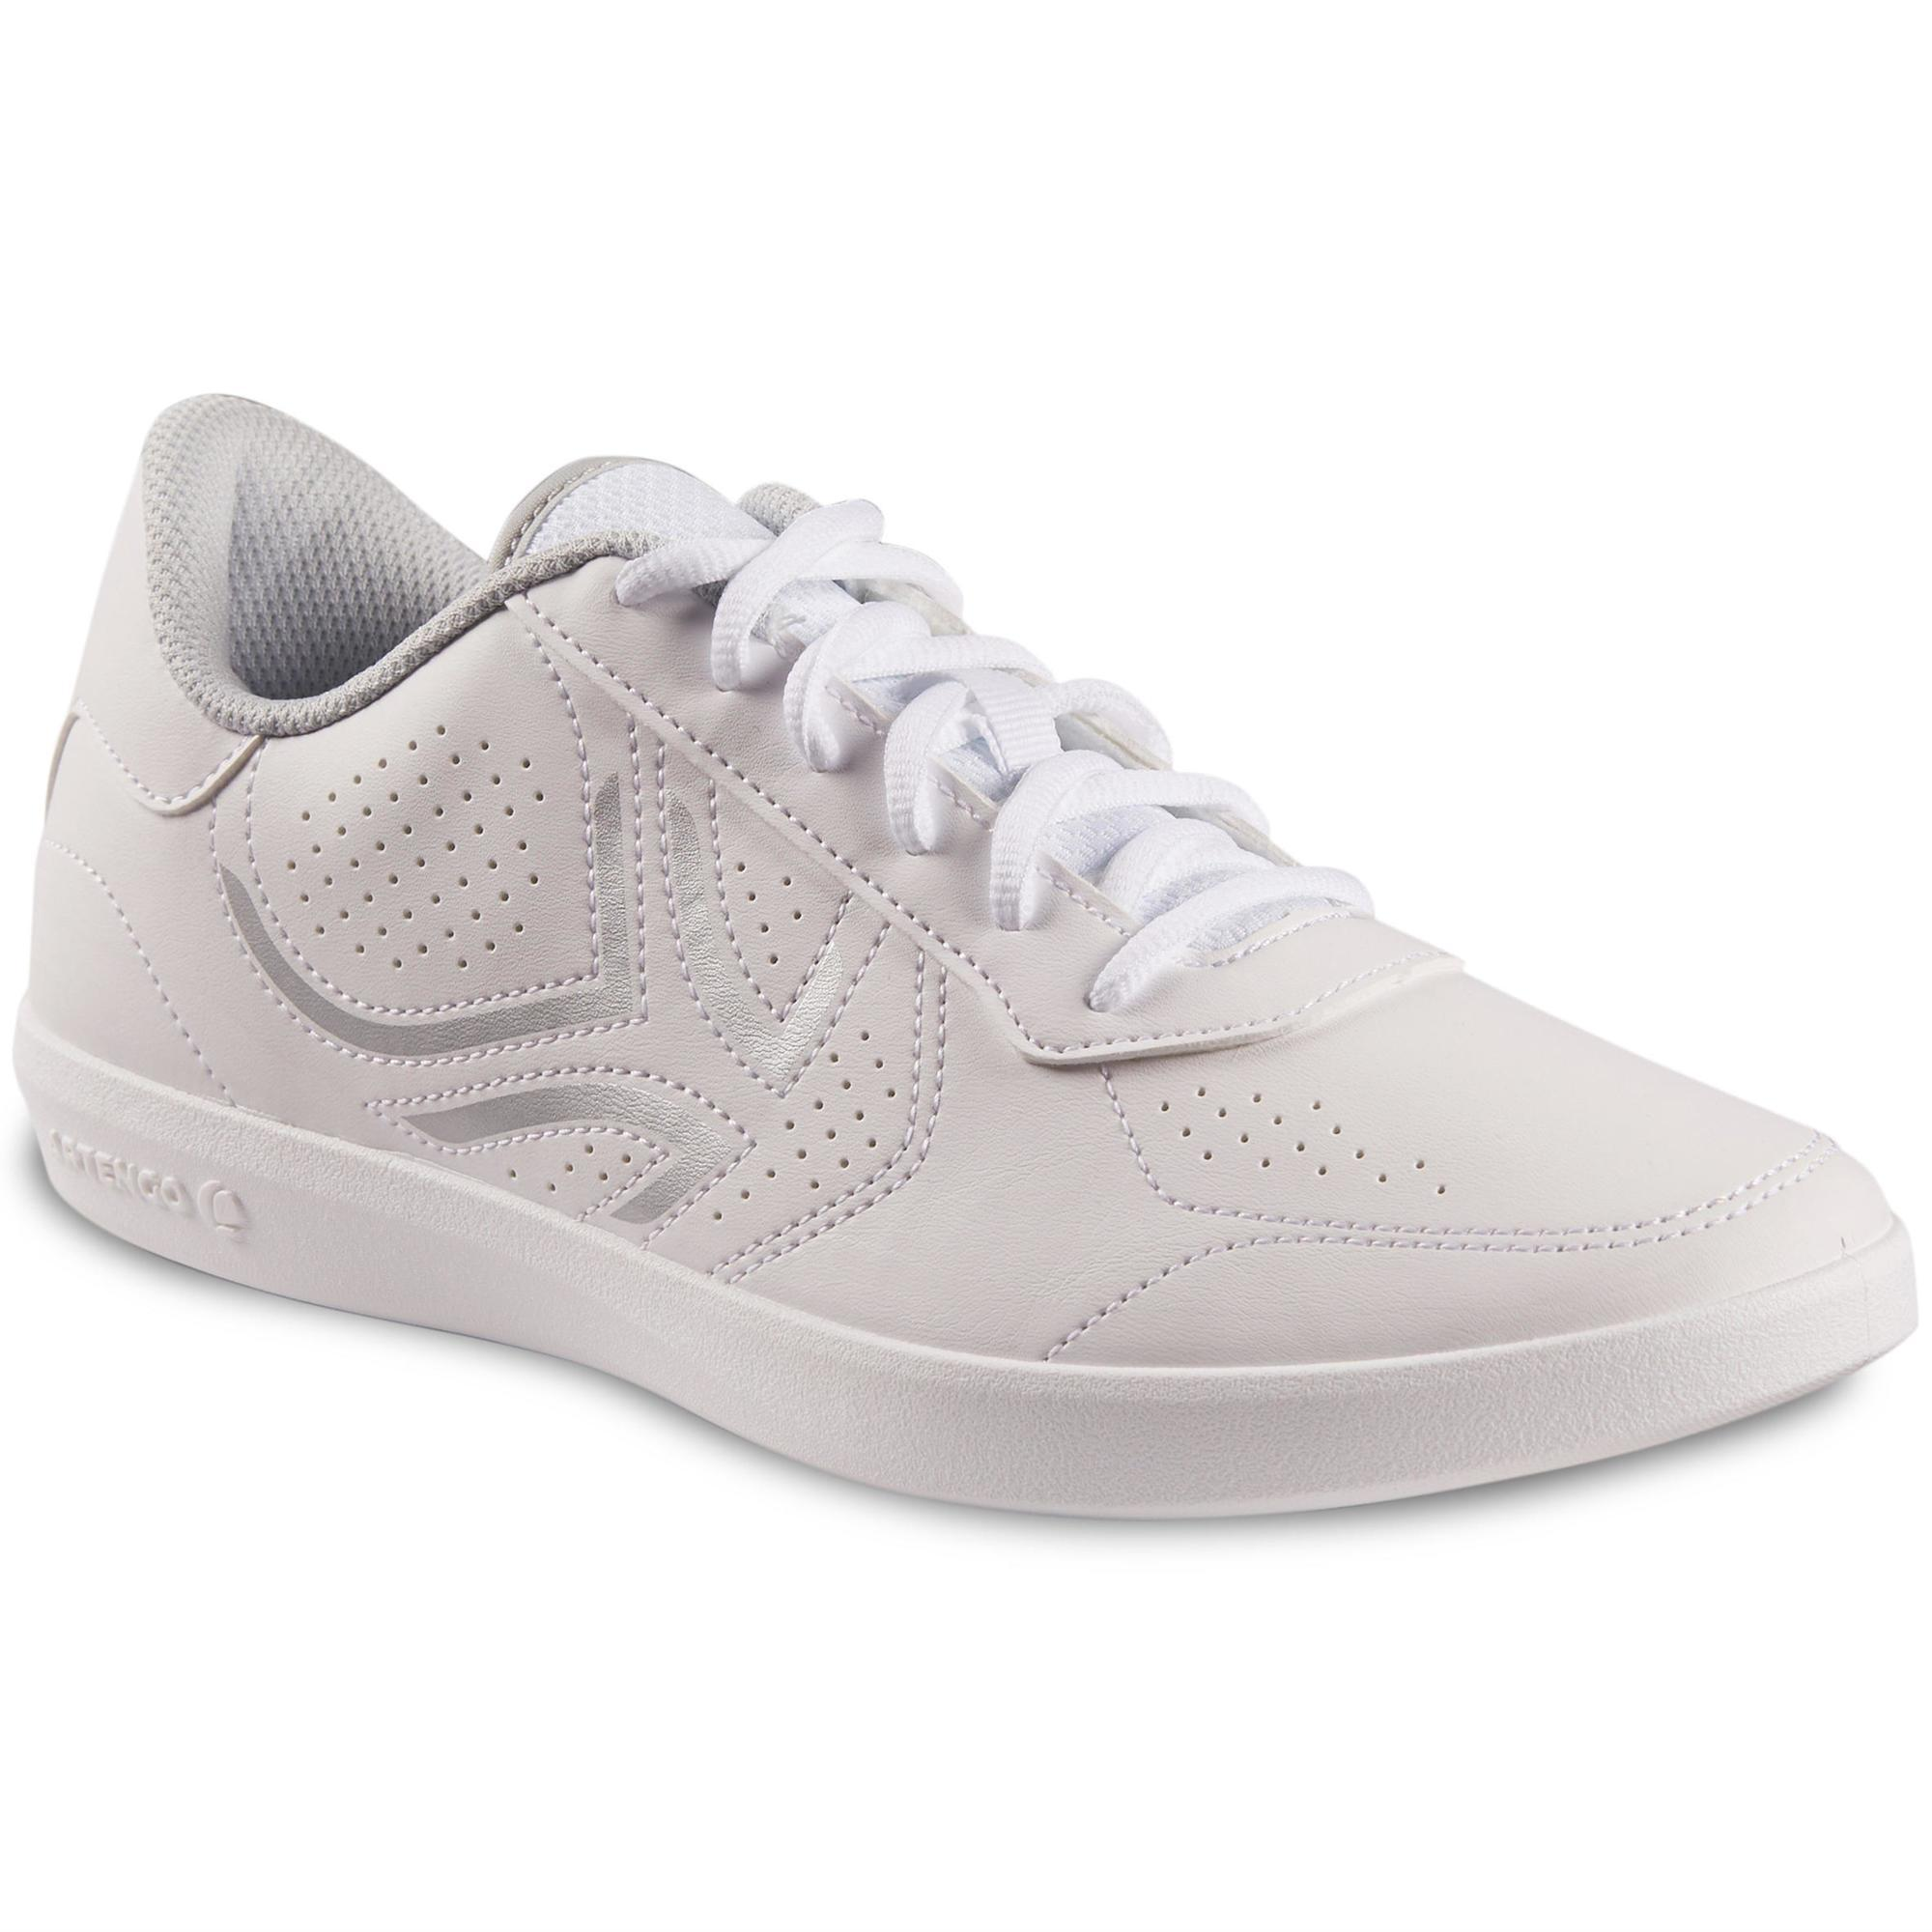 buy online 826d3 18895 Chaussures de Tennis   Decathlon